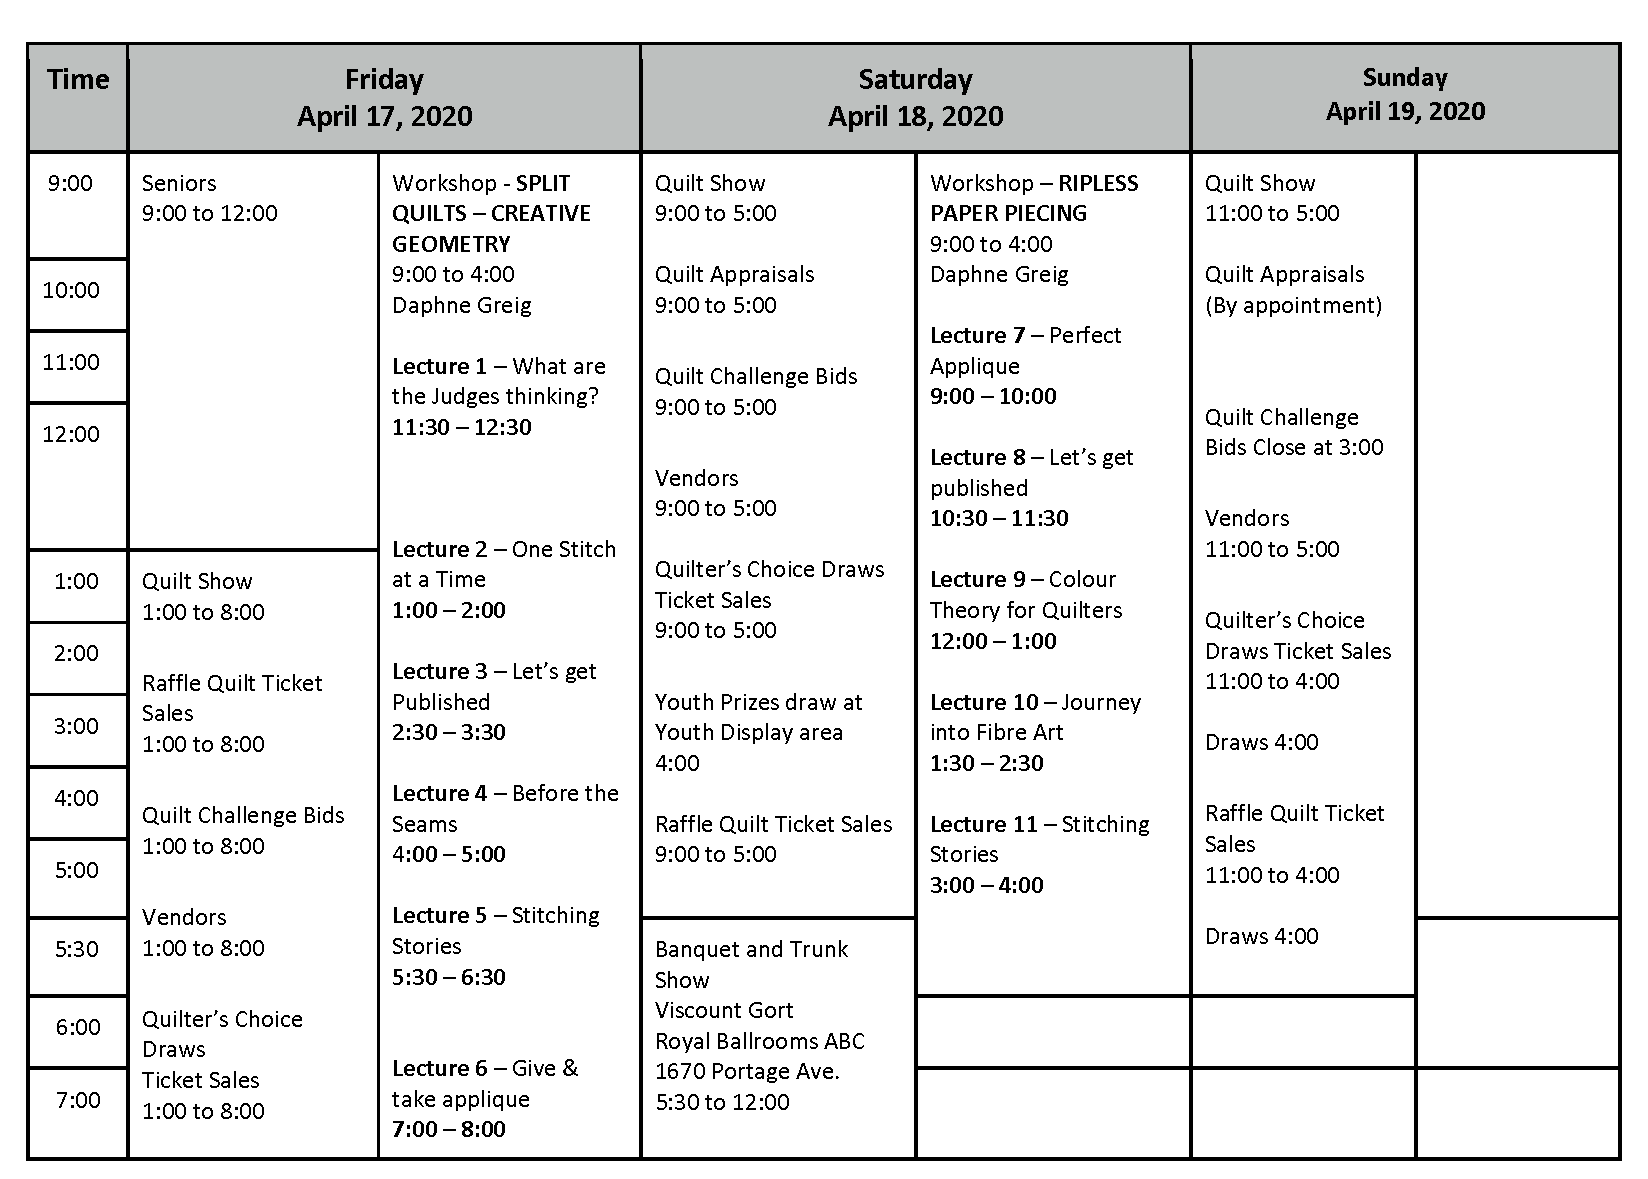 QR2020 Show Schedule